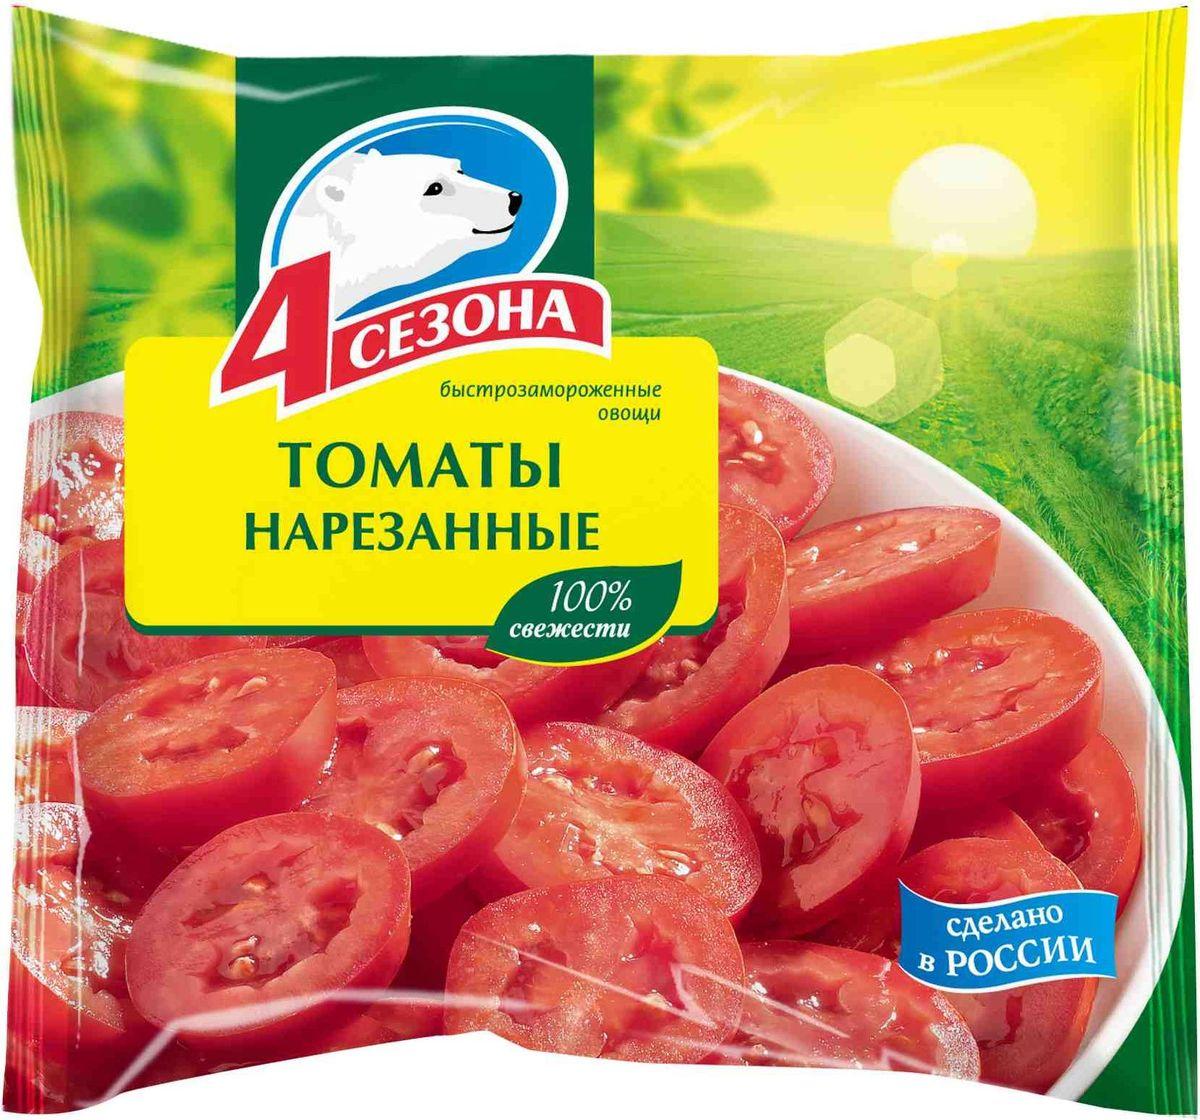 4 Сезона Томаты нарезанные, 400 г3601088Теперь лето навсегда поселится на вашей кухне с помидорами 4 Сезона. Для заморозки отбираются лучшие томаты, без нитратов. Применяемая технология позволяет сохранить в овоще все витамины, минералы.Помидоры в заморозке – уникальный продукт, позволяющий создавать шедевры средиземноморской, индийской, прочих кухонь теплых стран. Неважно, на календаре лето или зима, такие томаты сохранят всю палитру вкуса, свежесть, сочность.Томаты являются незаменимым ингредиентом большого количества вкусных, изысканных блюд. Окончание их сезона вовсе не означает, что придется ждать много месяцев следующего урожая. Все особенности летнего овоща сохраняются при заморозке. Преимуществами этого продукта являются:Томаты нарезаны кольцами, их удобно сразу, не размораживая, например, выкладывать на пиццу, делать соусы или же готовить суп.Применяется технология моментальной заморозки. Она предполагает резкое снижение температуры до минусовых показателей. Благодаря этому сохраняются все полезные вещества.Для заморозки используют помидоры, выращенные в лучших хозяйствах России. Они имеют высокое качество, проверенное современной лабораторией.Создавайте кулинарные шедевры, экспериментируйте, готовьте с любовью и помидорами 4 Сезона.